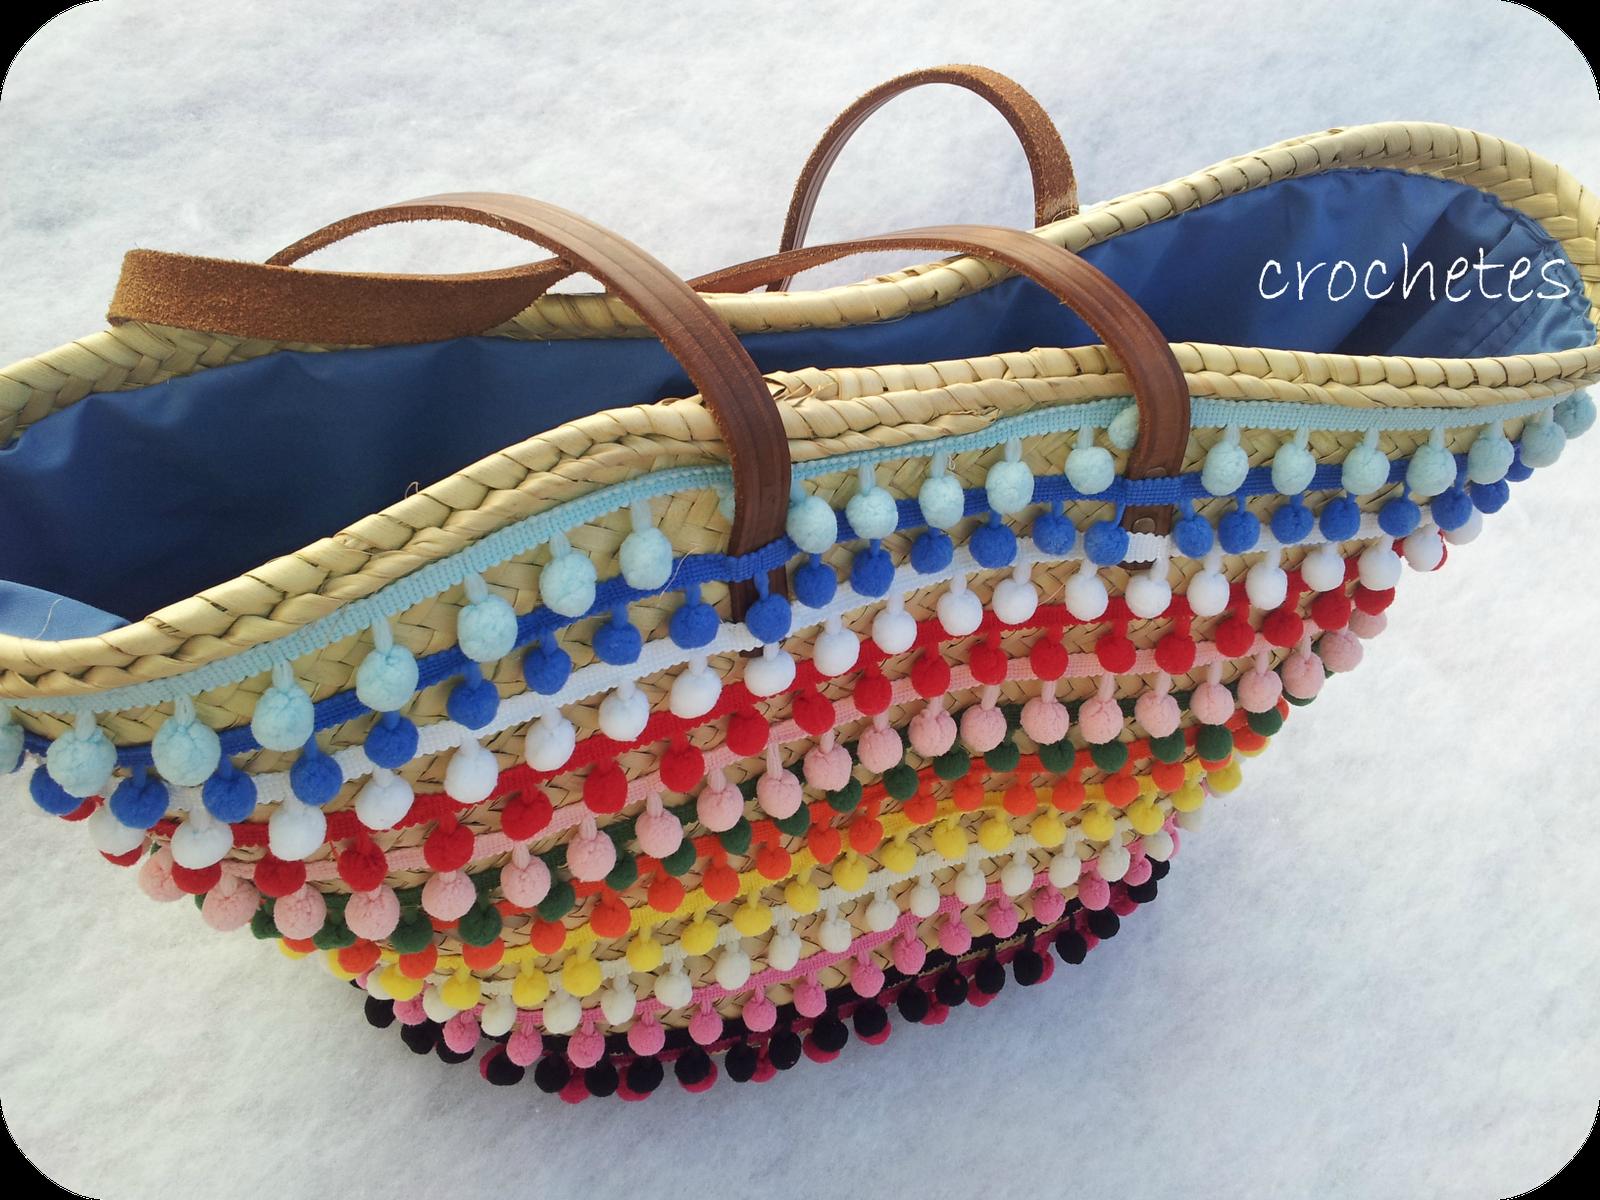 Crochetes bolsos cestas decoradas miss g pinterest - Capazos de mimbre decorados ...